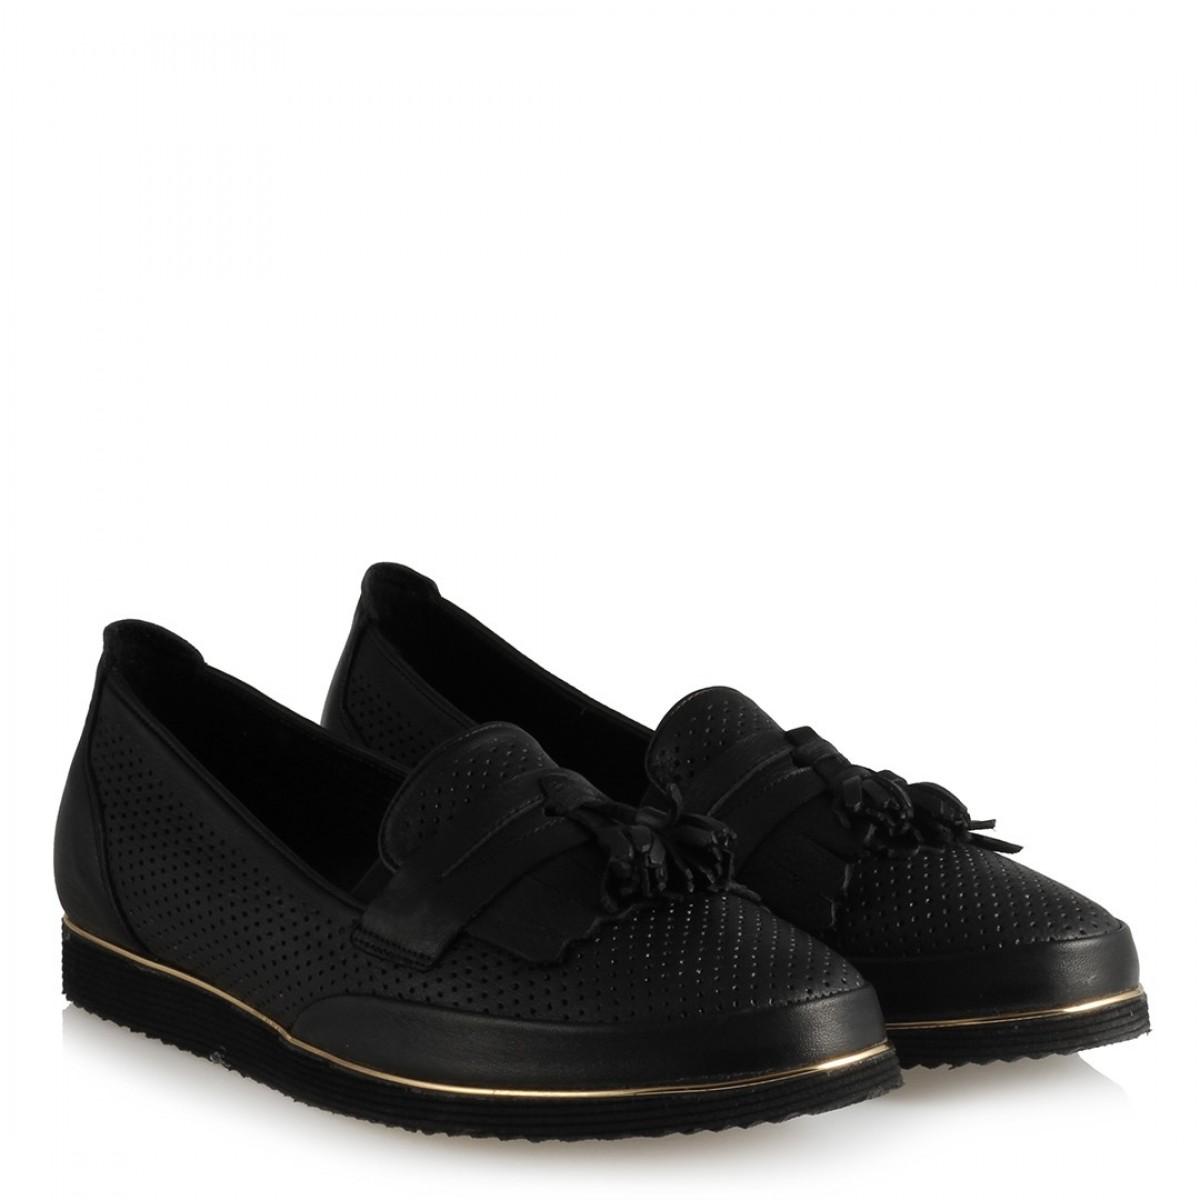 Püsküllü Ayakkabı Siyah Hakiki Deri